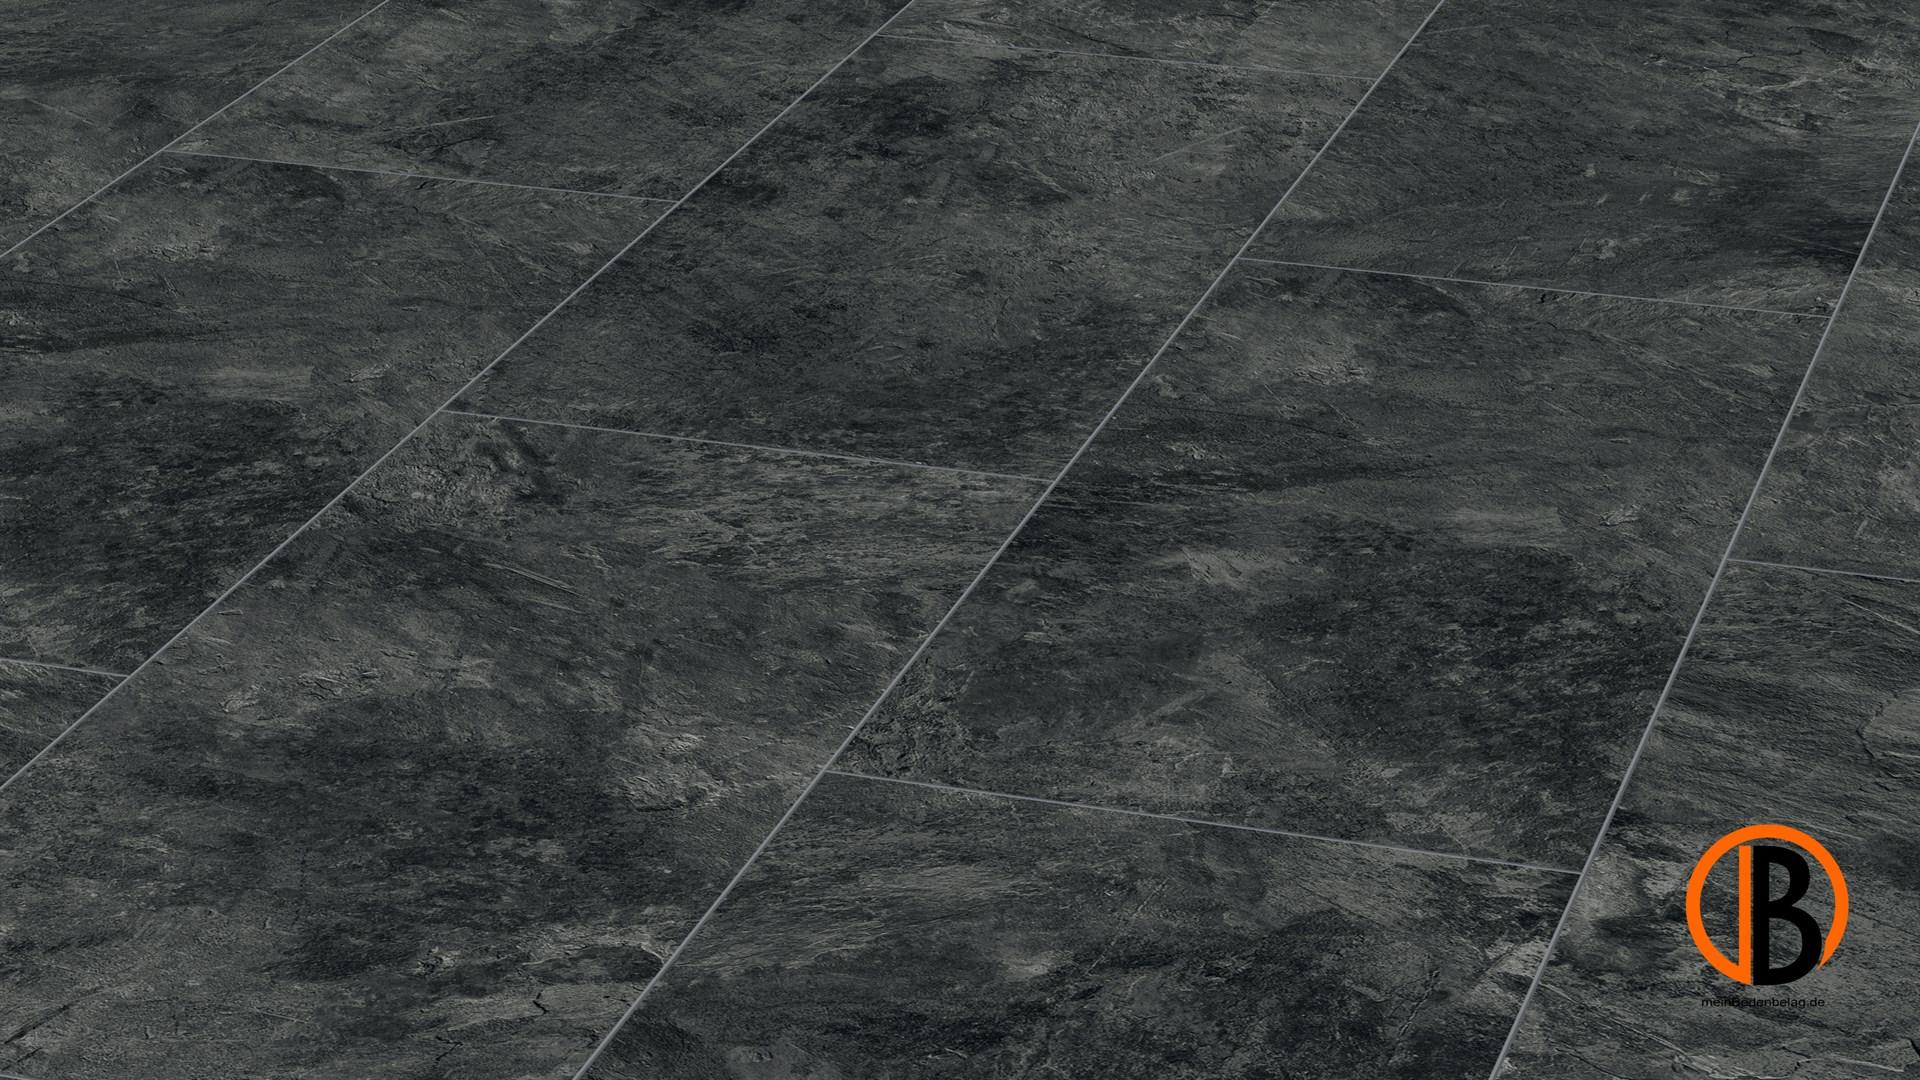 CINQUE KRONOTEX LAMINAT GLAMOUR | 10003566;0 | Bild 1